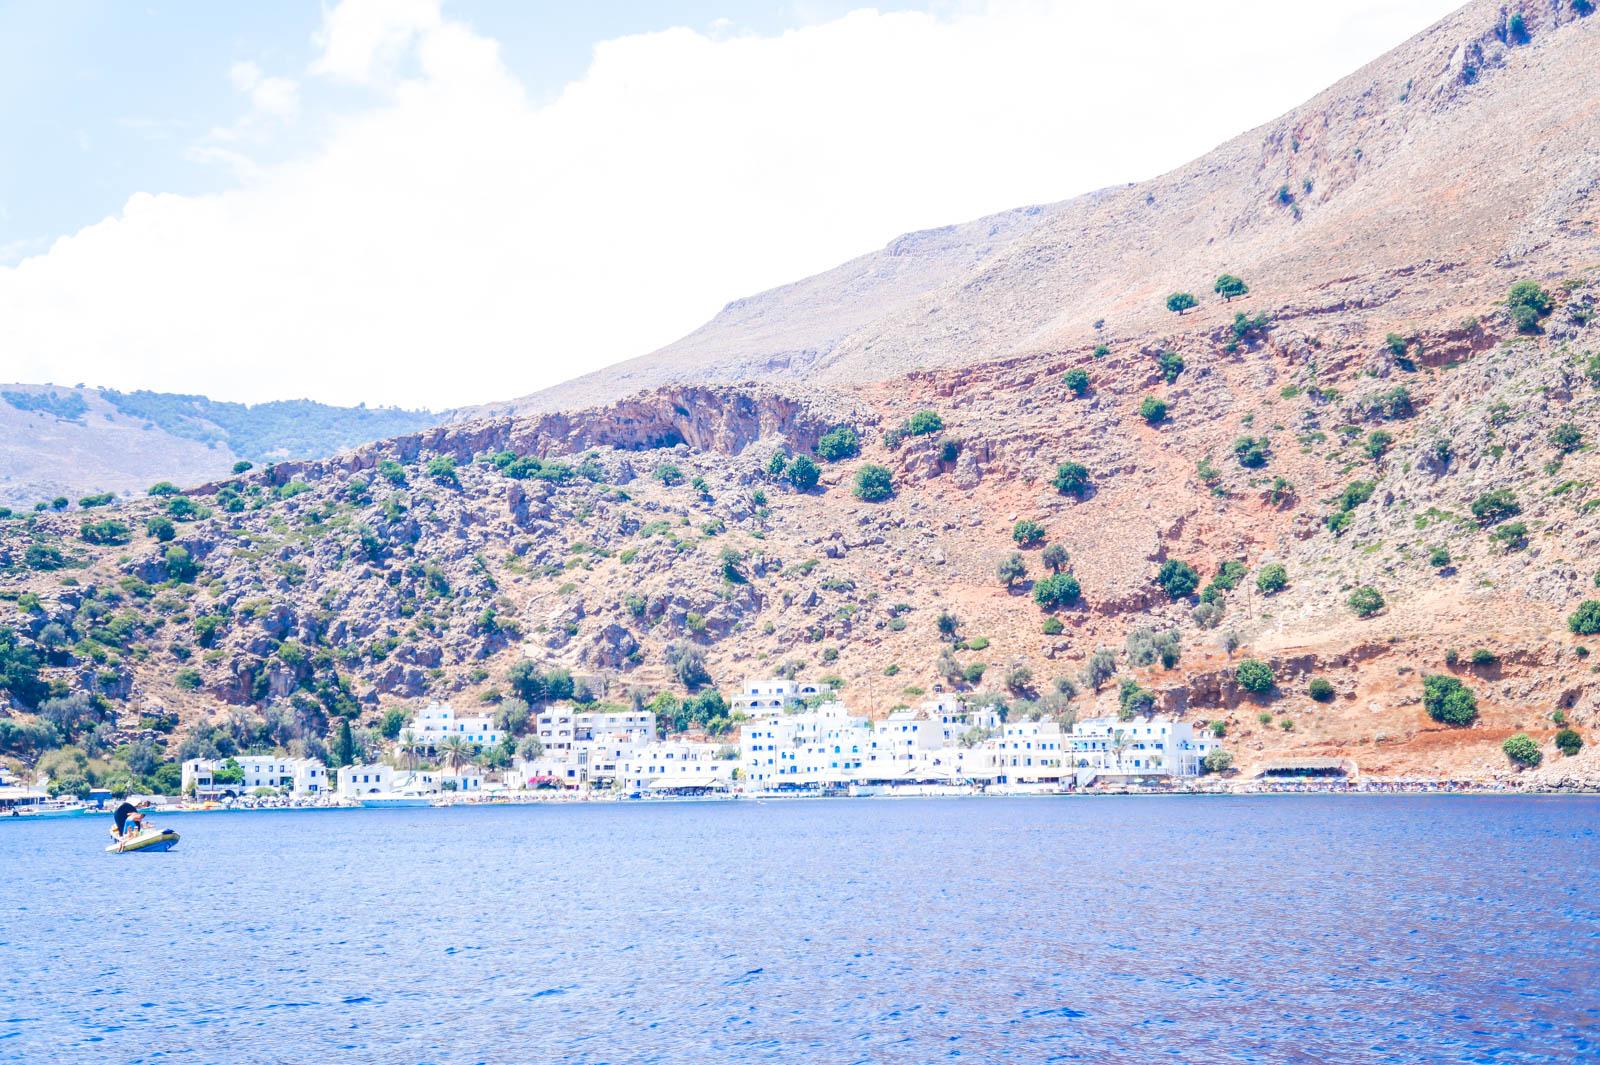 loutro-crete-greece-la-vie-en-blog-all-rights-reserved